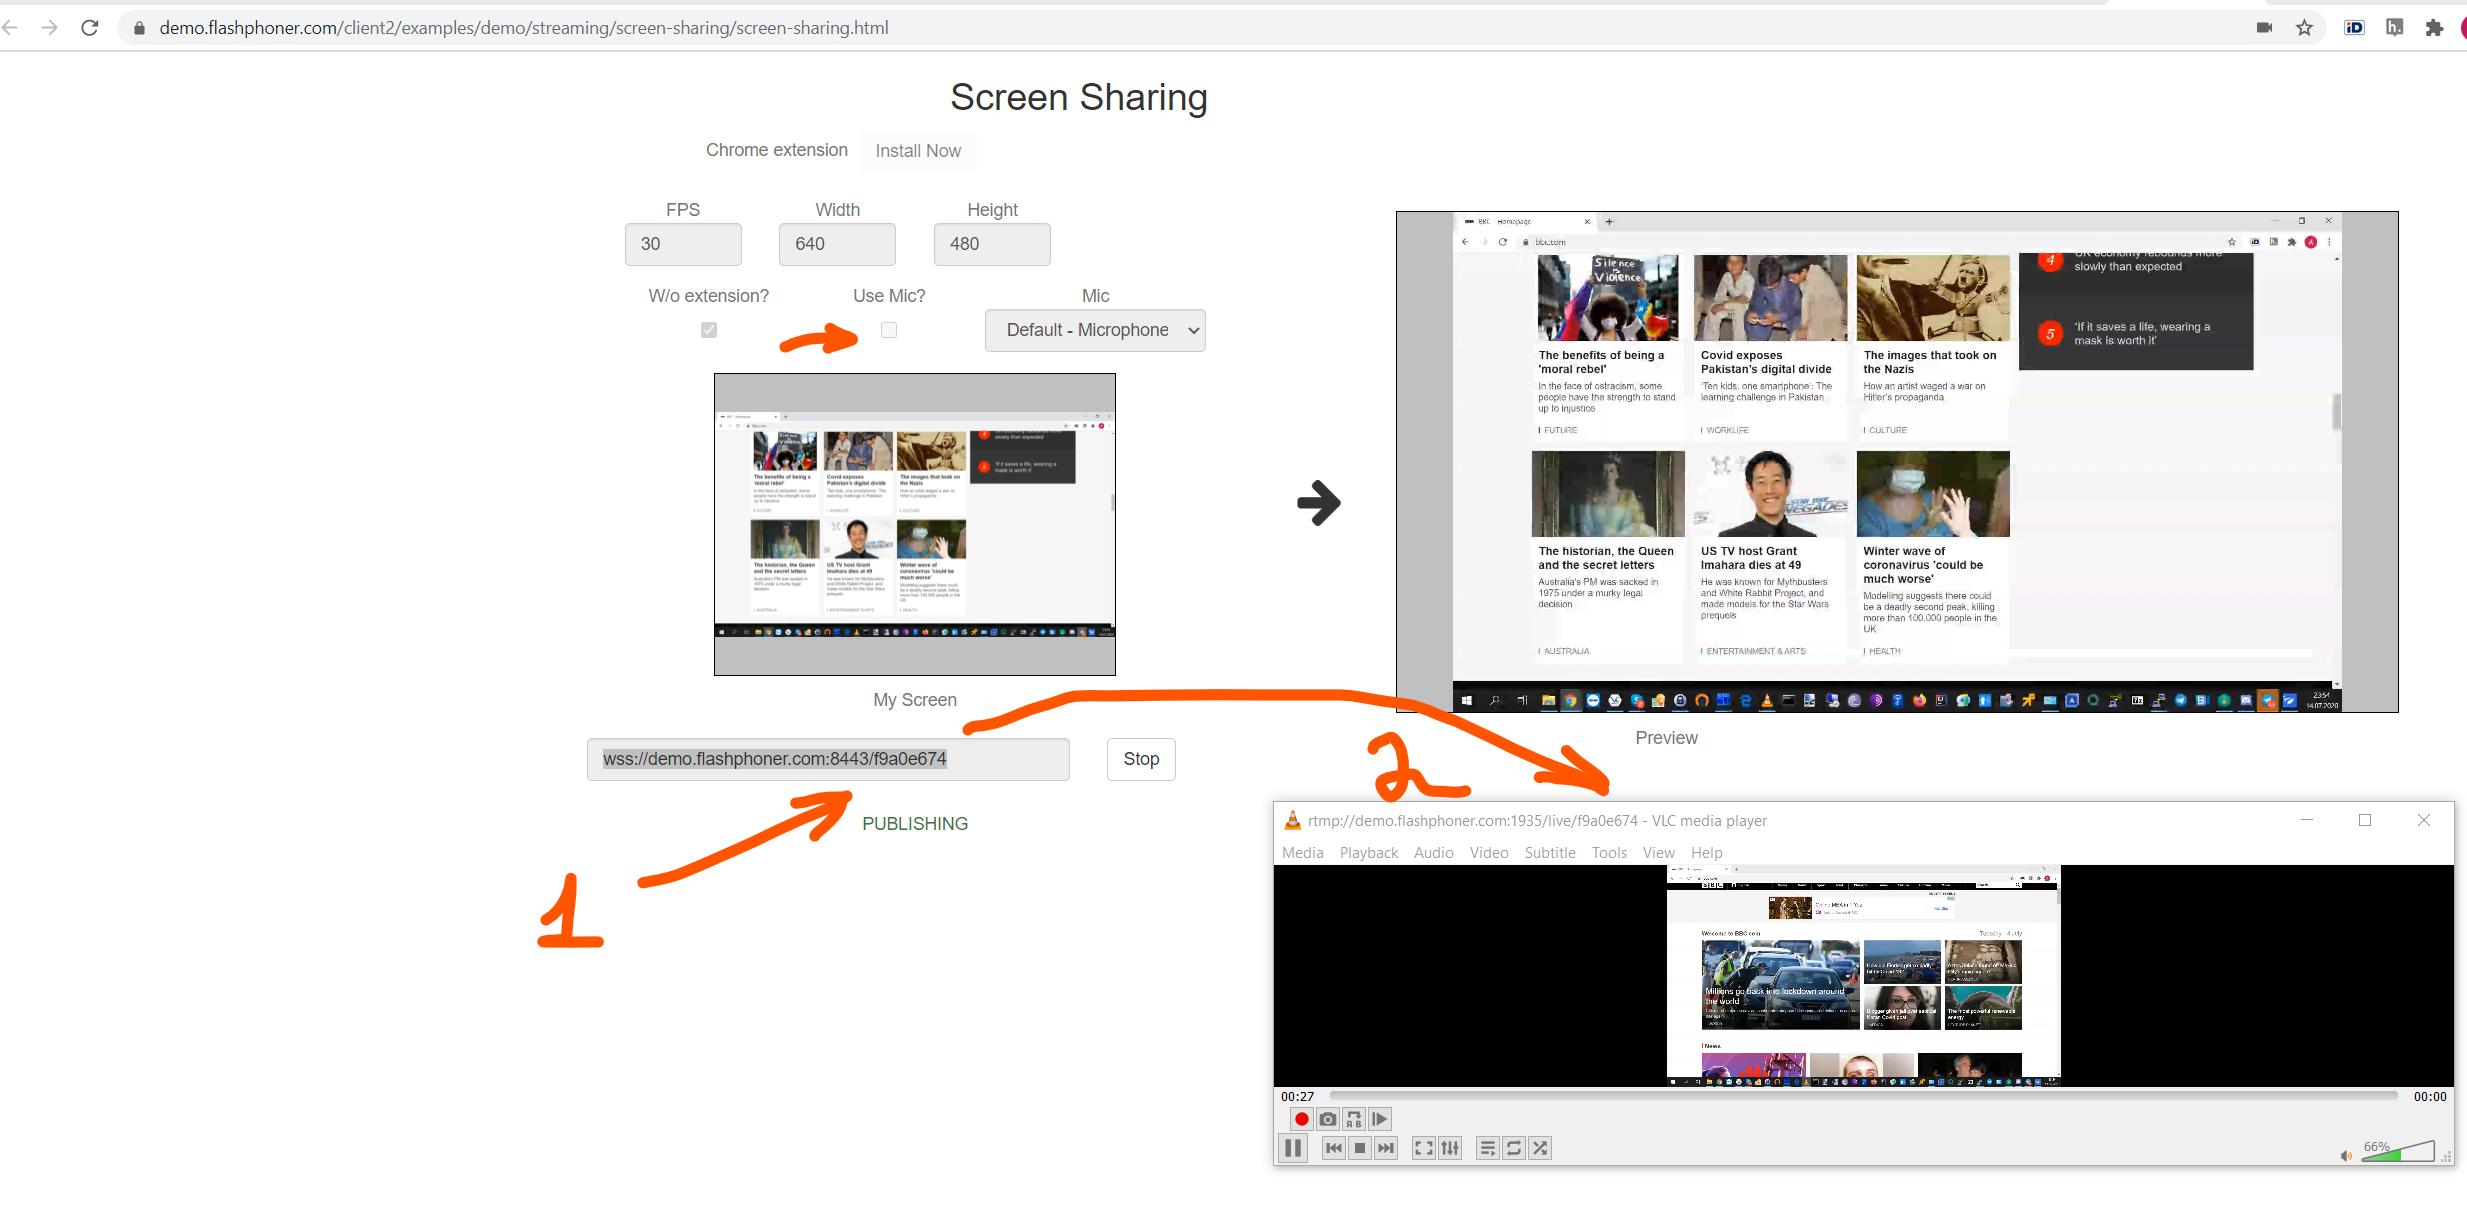 screensharing-webrtc-playback-as-rtmp.png